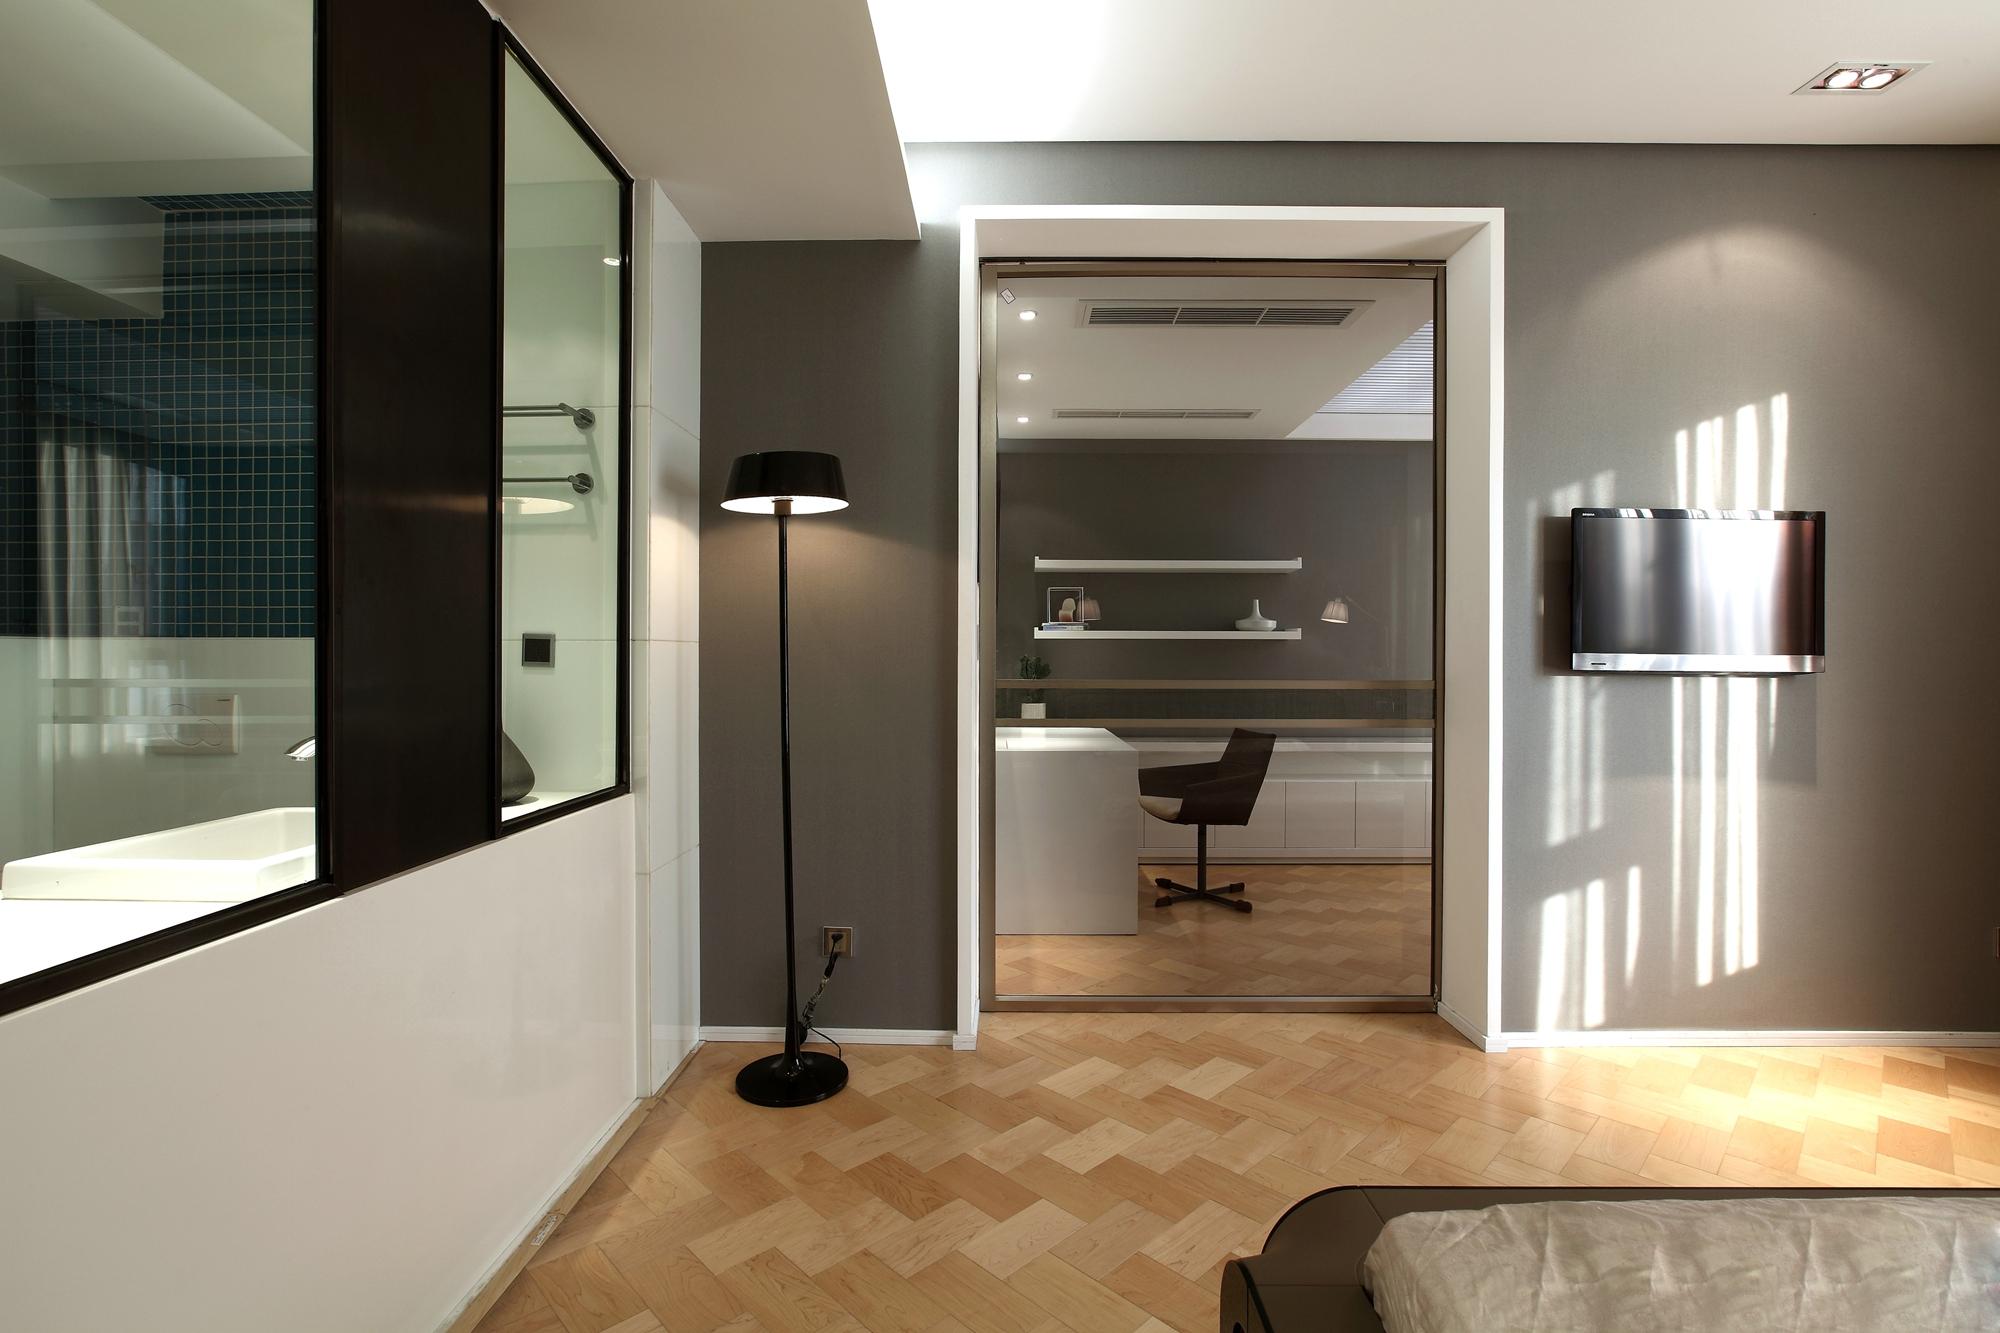 根据业主的需求,设计师在设计规划时考虑满足功能需求的同时,又要满足设计的美感。在设计过程中要考虑业主的生活习惯,制定科学合理的活动区域。通过设计让室内空间显得更加生活和谐,利用平面构成原理,通过点——线——面的有效搭配,组成和谐的三维空间设计,让整个室内空间赋予韵律美。空间的合理划分会给人们以美的感受,让整个空间流线自然舒服。